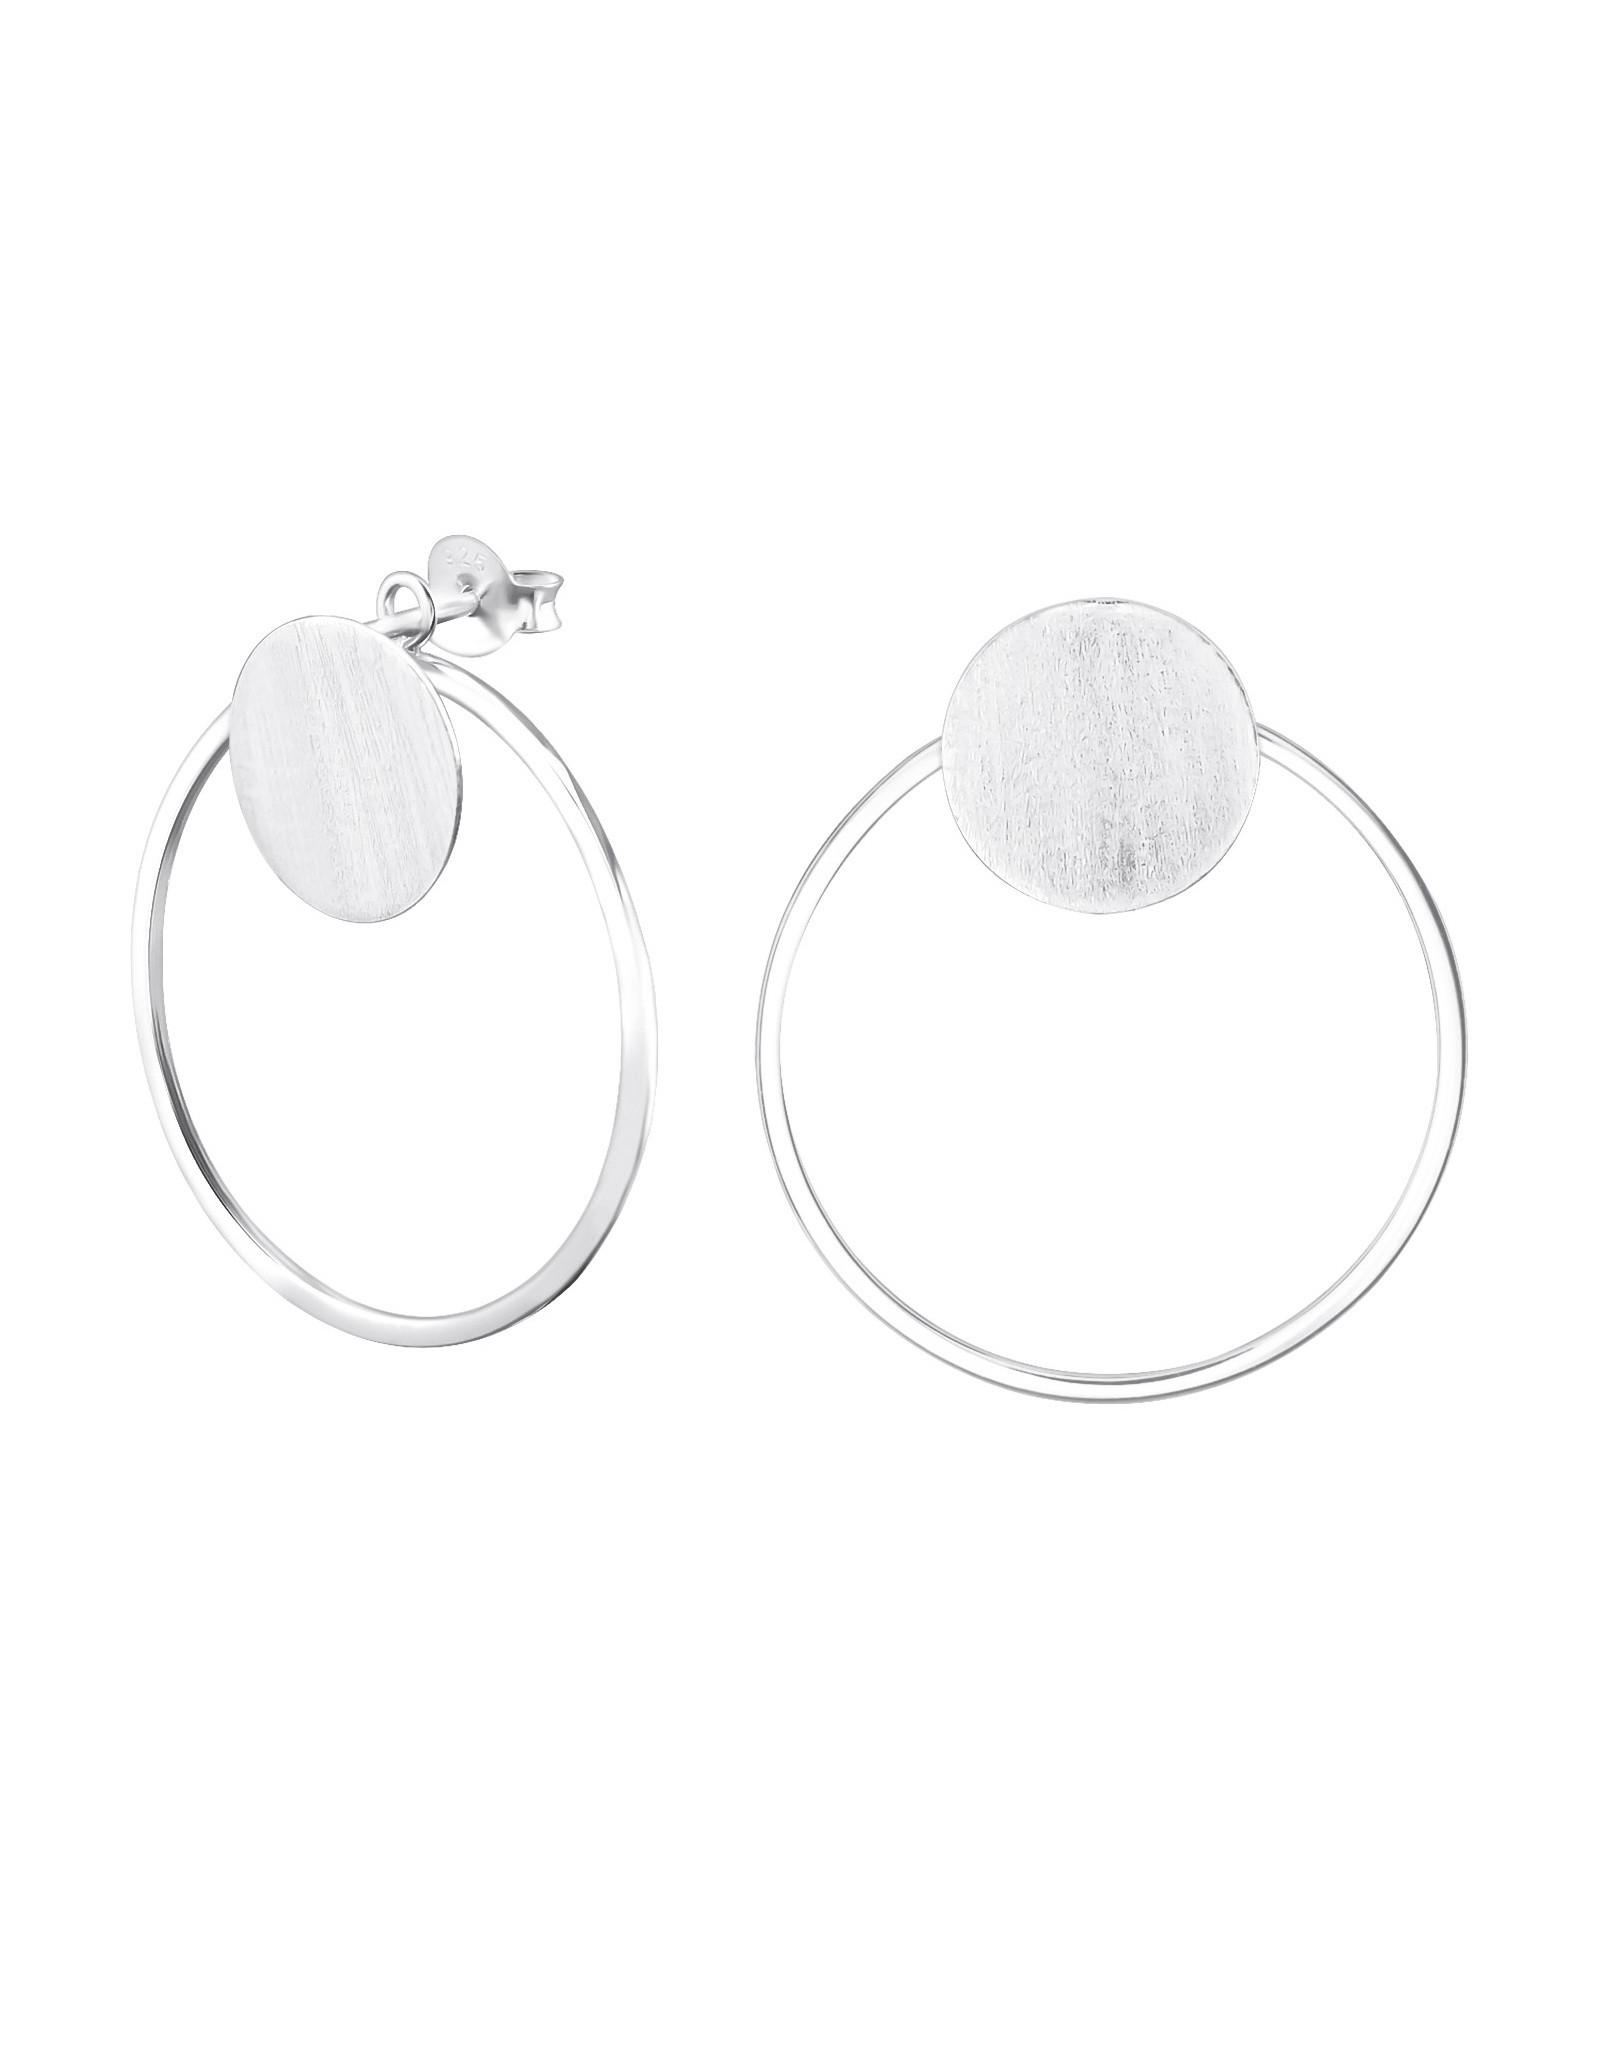 Stekertjes zilver dubbele ring groot